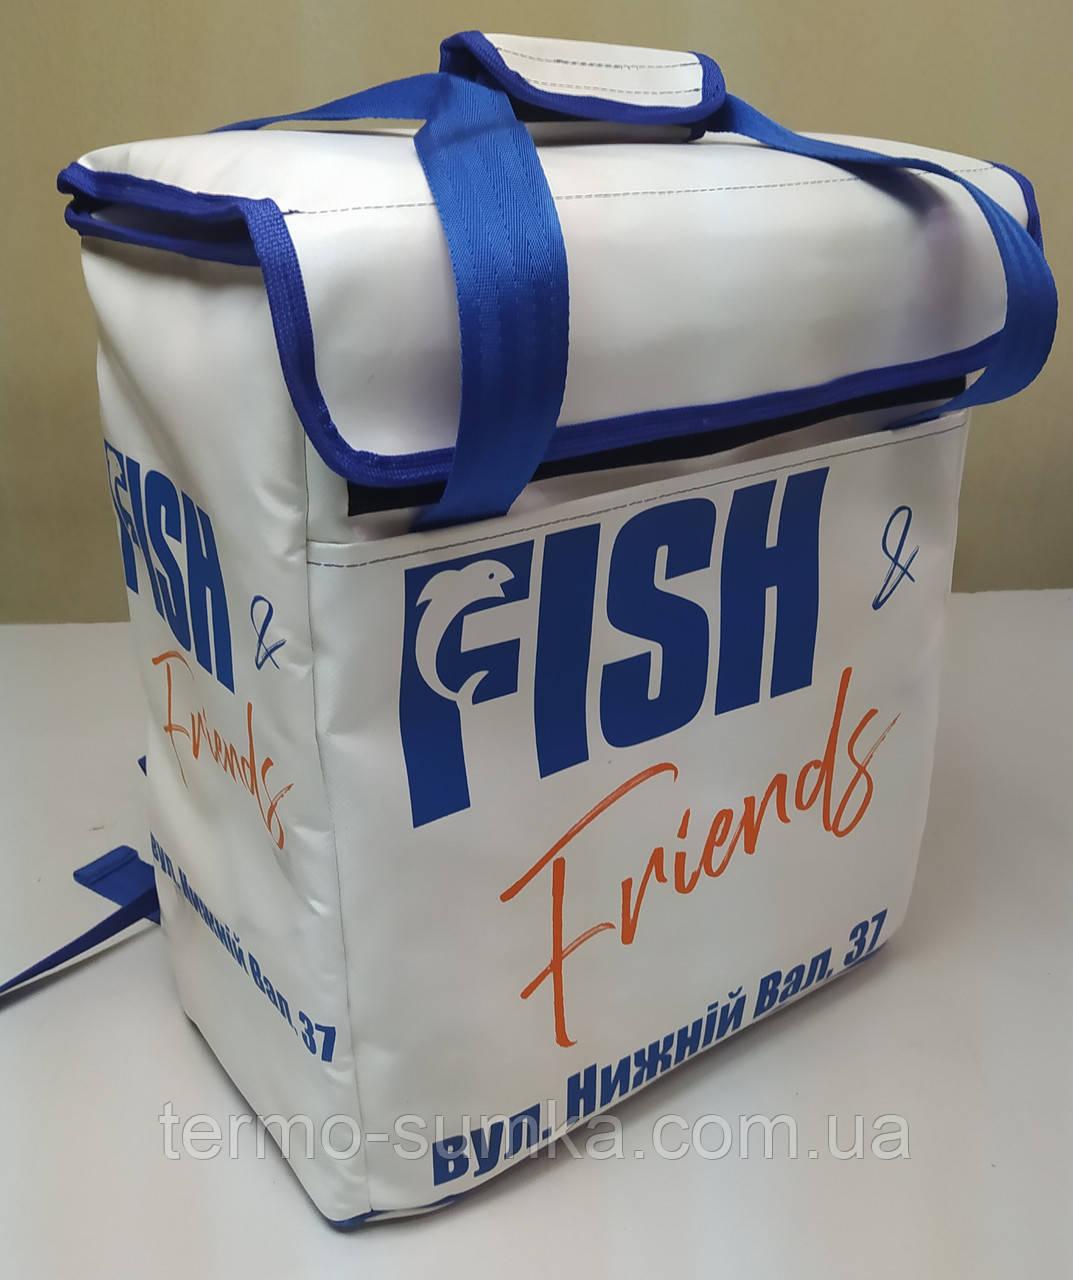 Терморюкзак для доставки еды из баннерной ткани ПВХ с накладным карманом. 35*20, высота 40